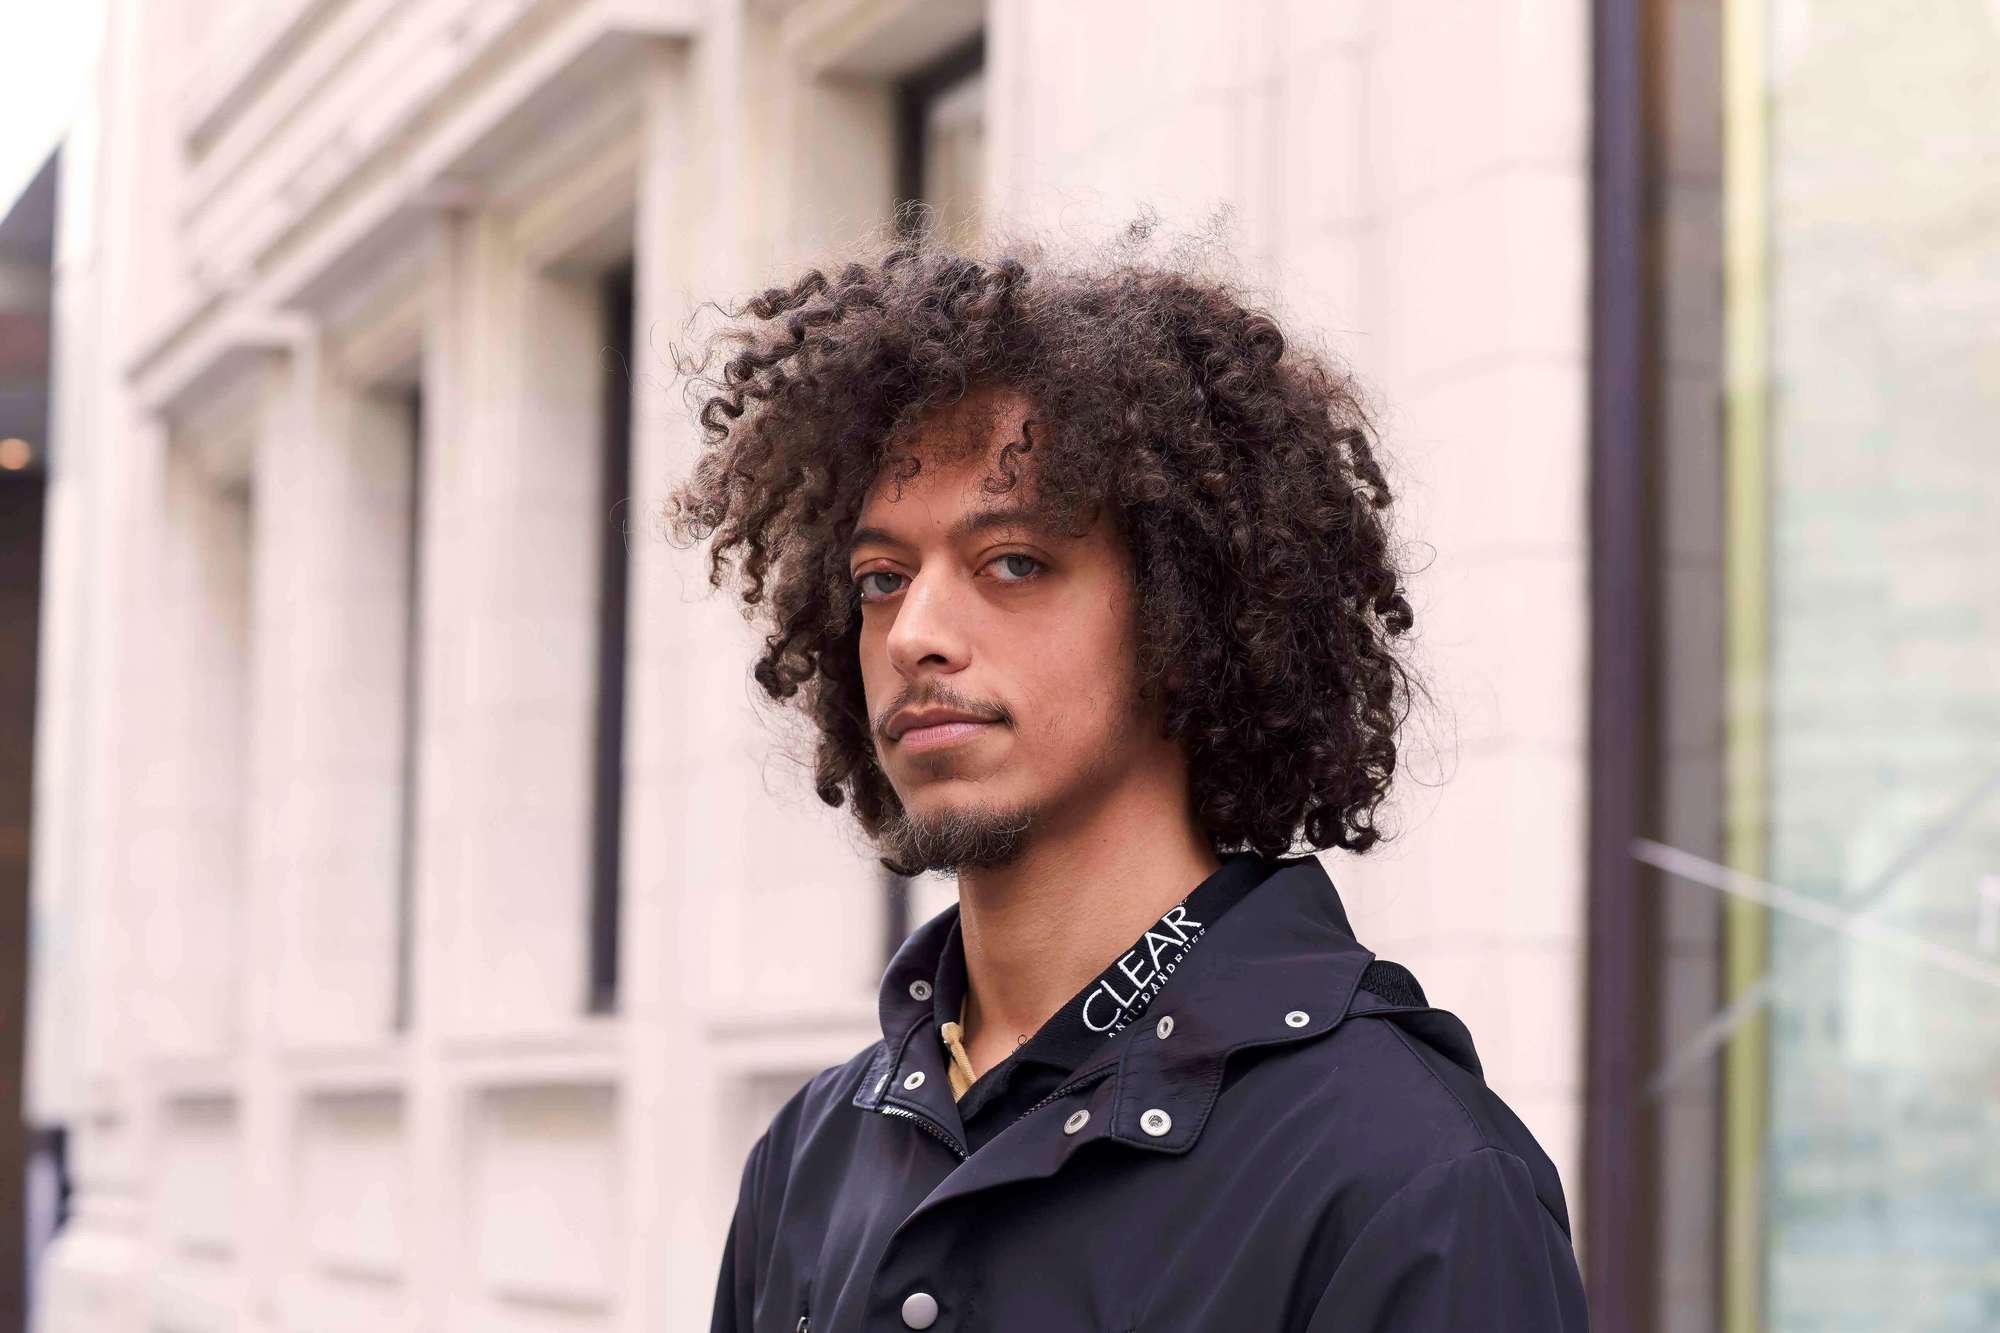 modelo com cabelo crespo ilustrando a matéria sobre como fazer o cabelo crespo masculino crescer